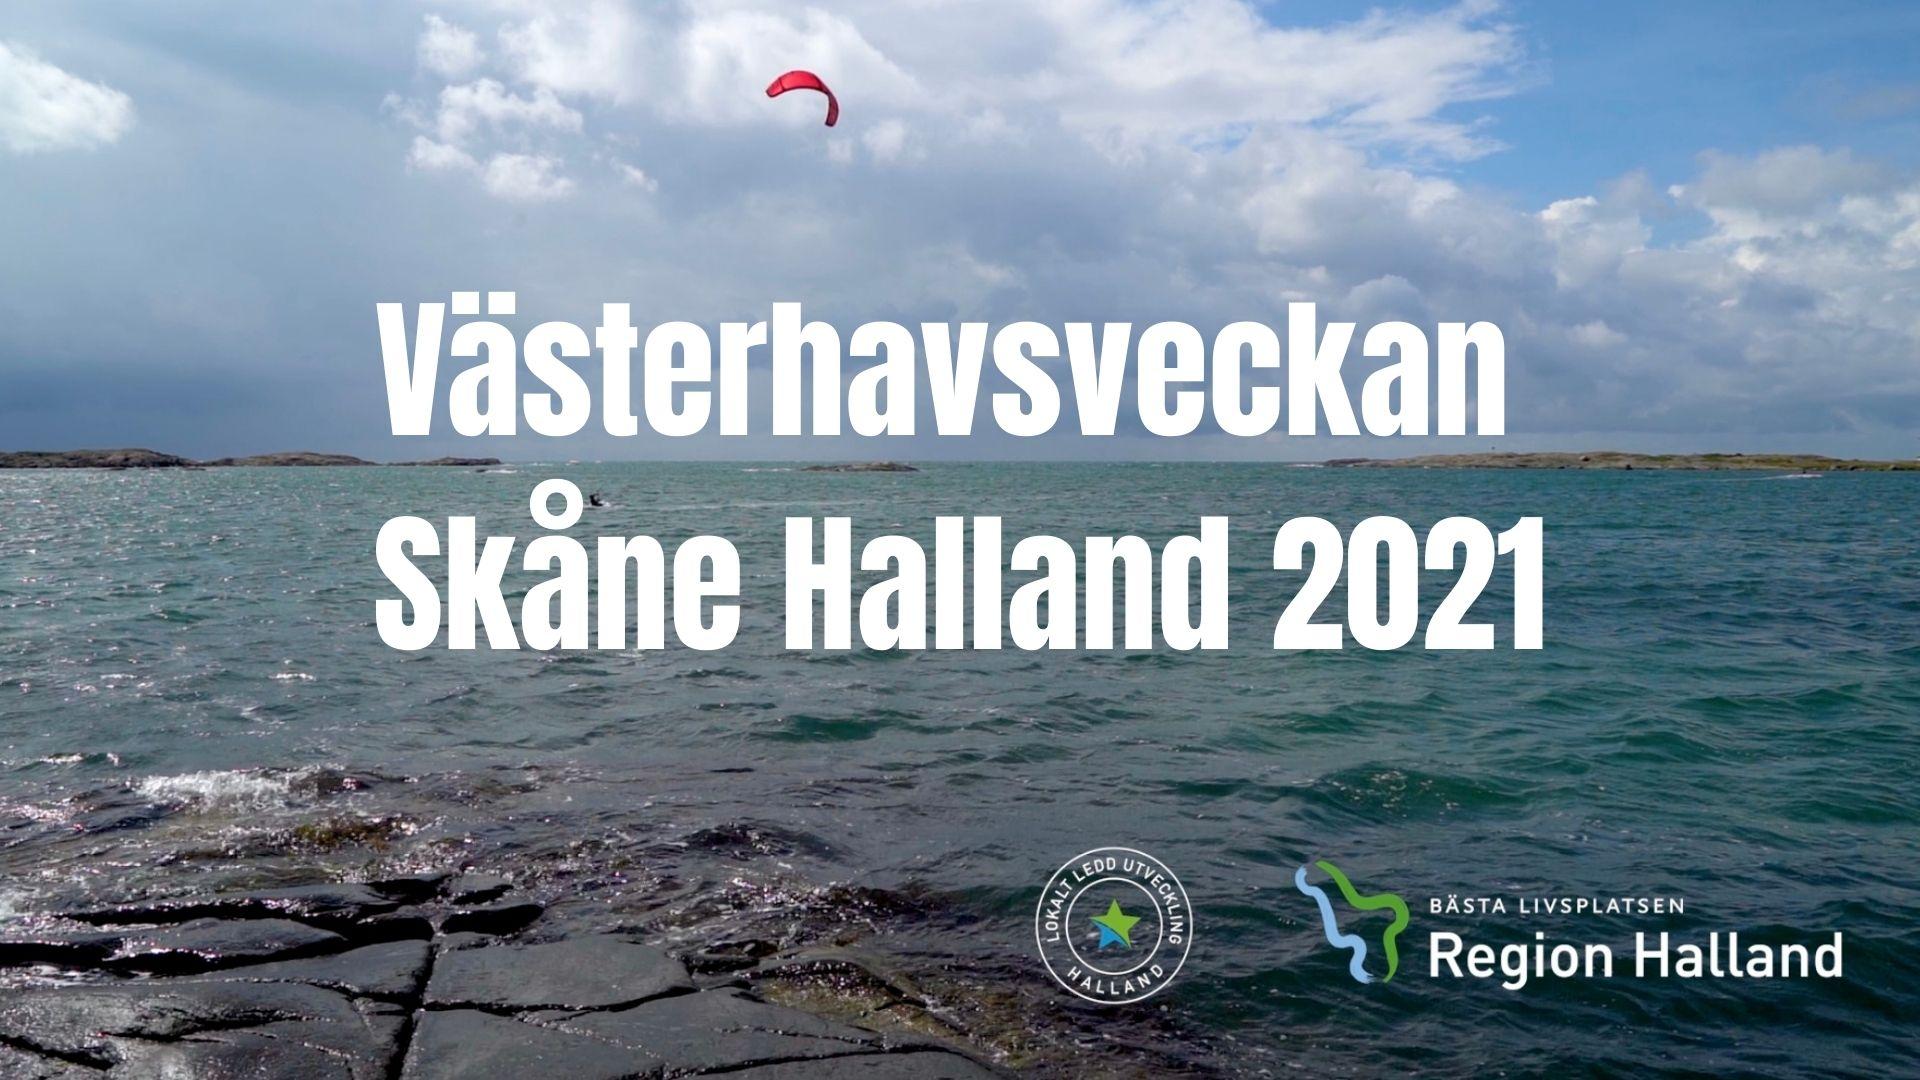 Västerhavsveckan 2021